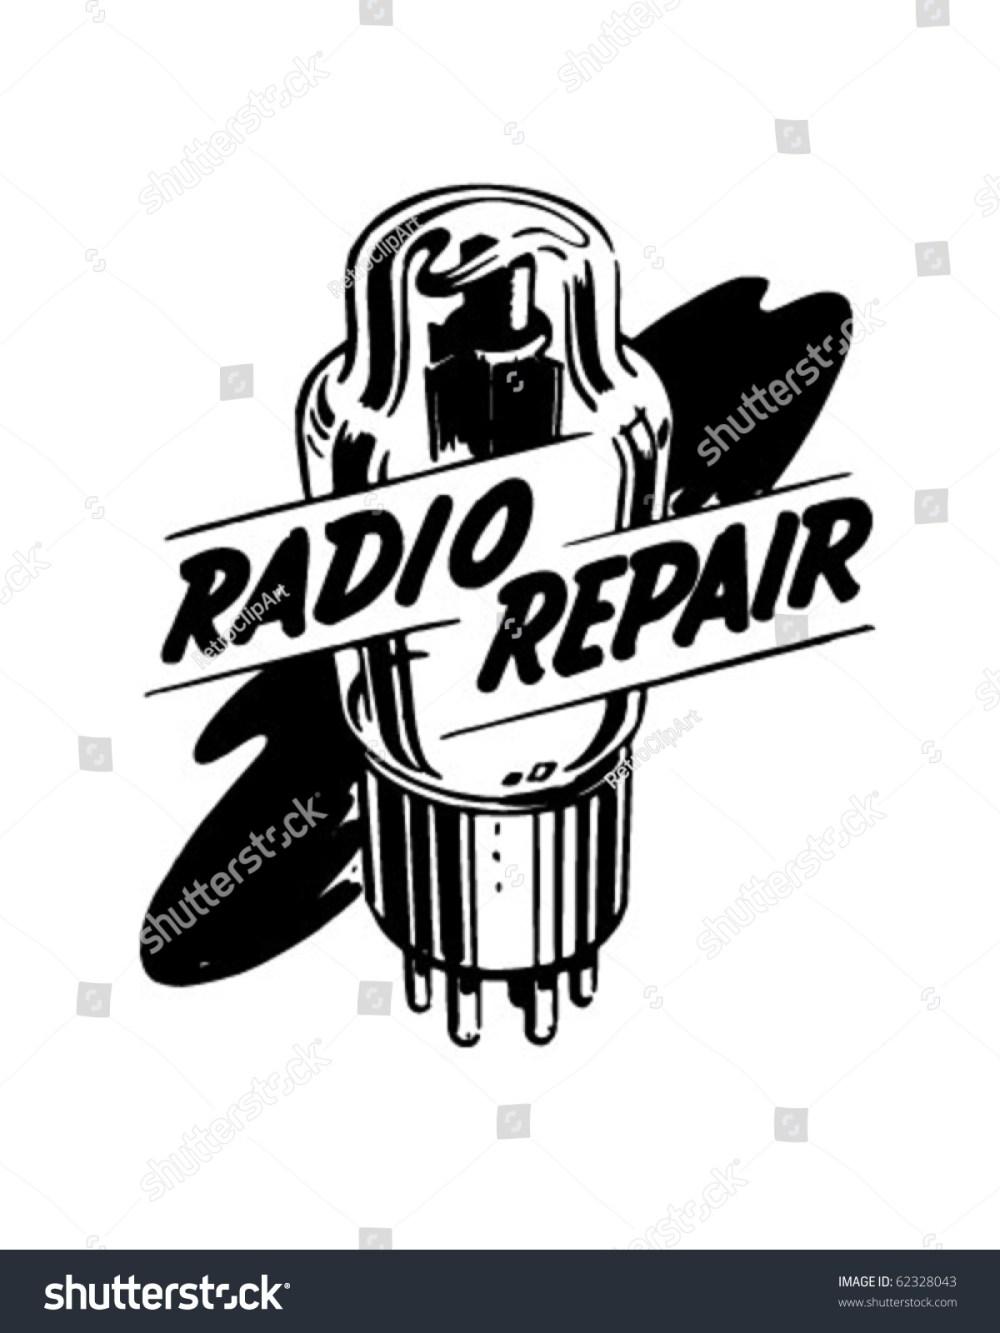 medium resolution of radio repair 1 ad header retro clipart